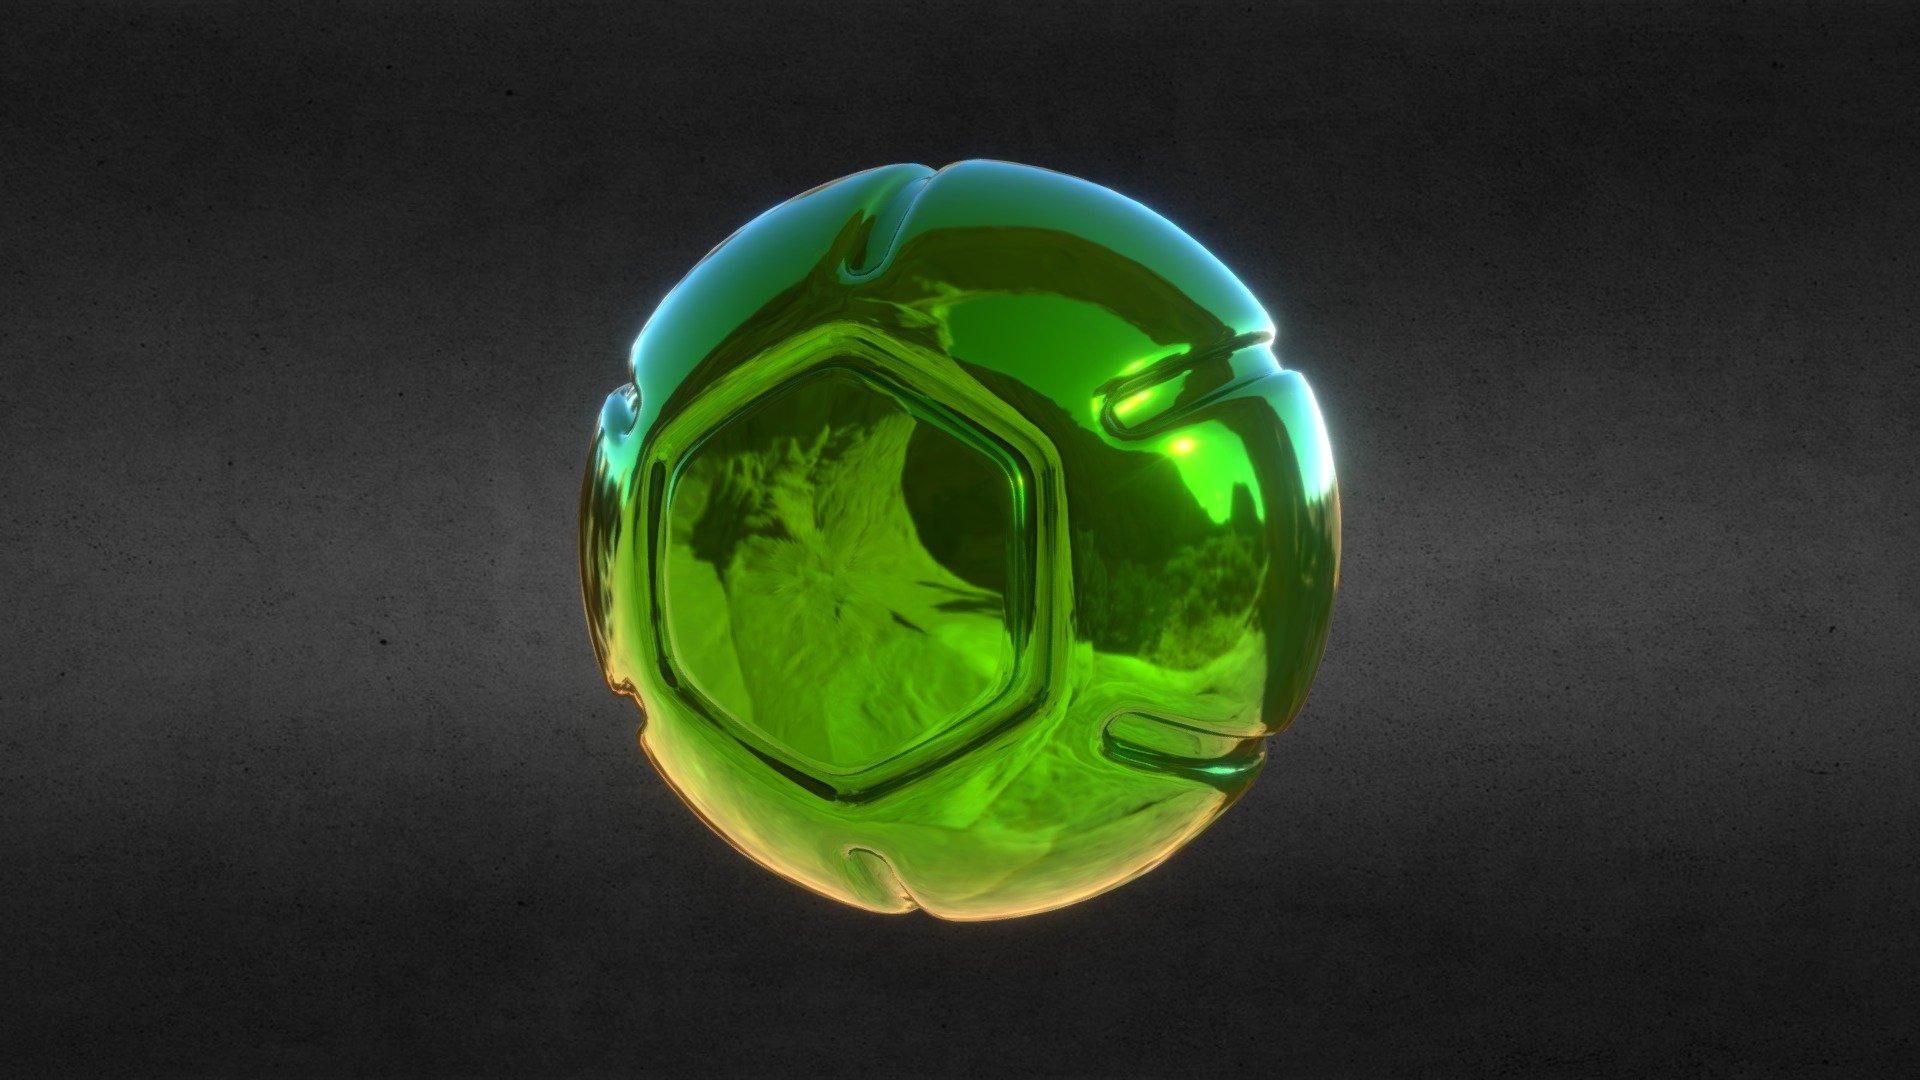 Gyro Zeppeli S Steel Ball Jjba Steel Ball Run Download Free